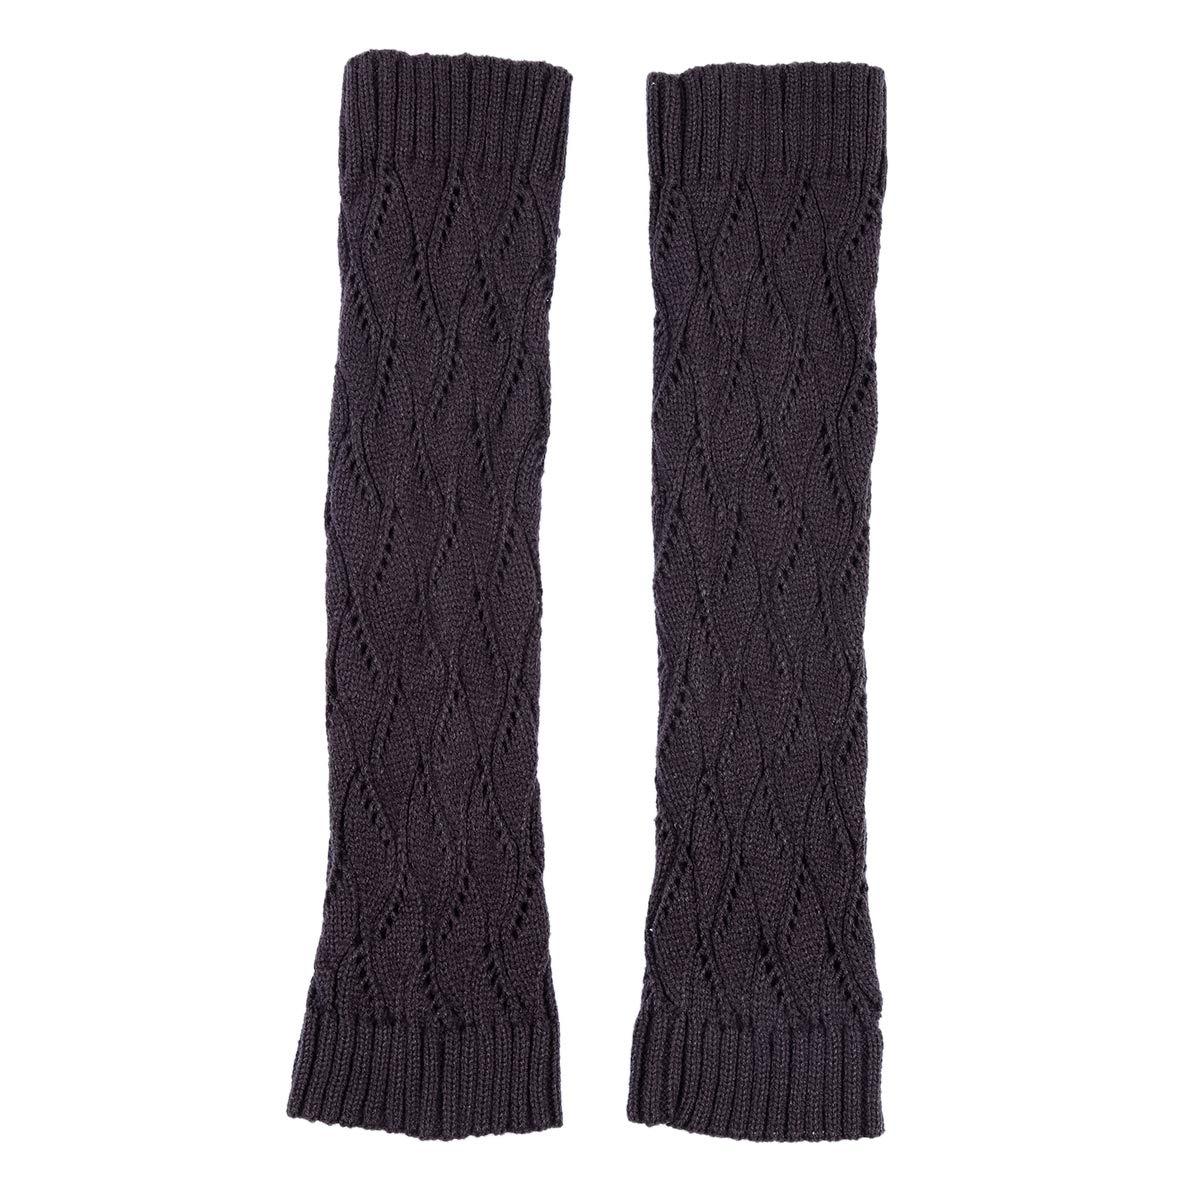 TININNA Medias Calcetines, invierno caliente ahueca hacia fuera Legging de punto de punto de ganchillo calentadores de la pierna calcetines altos de ...